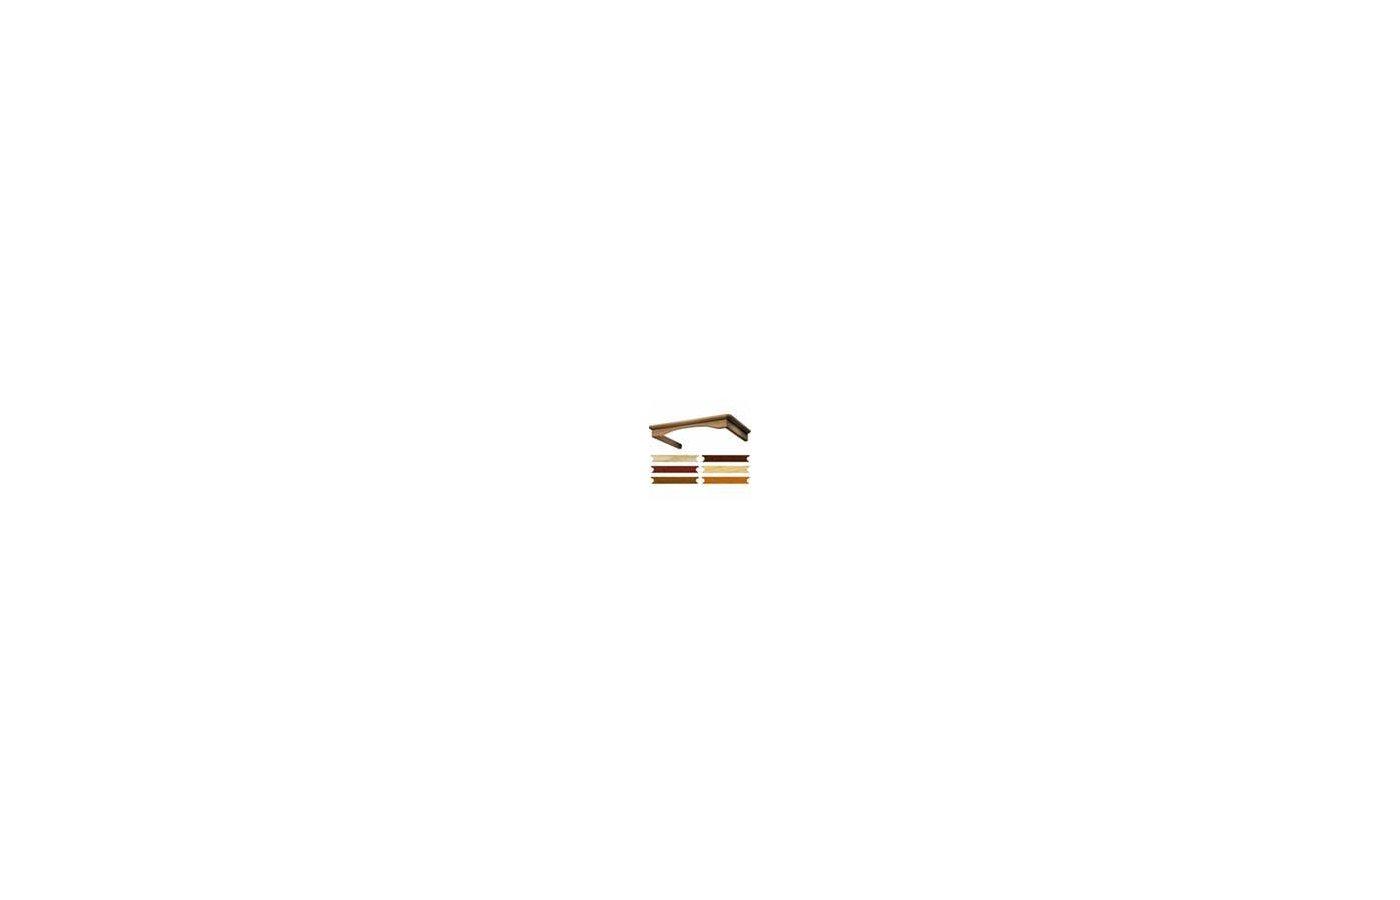 Аксессуар для в/о KRONA комплект багетов для Adelia CPB/G1/7 (позит.) в упаковке